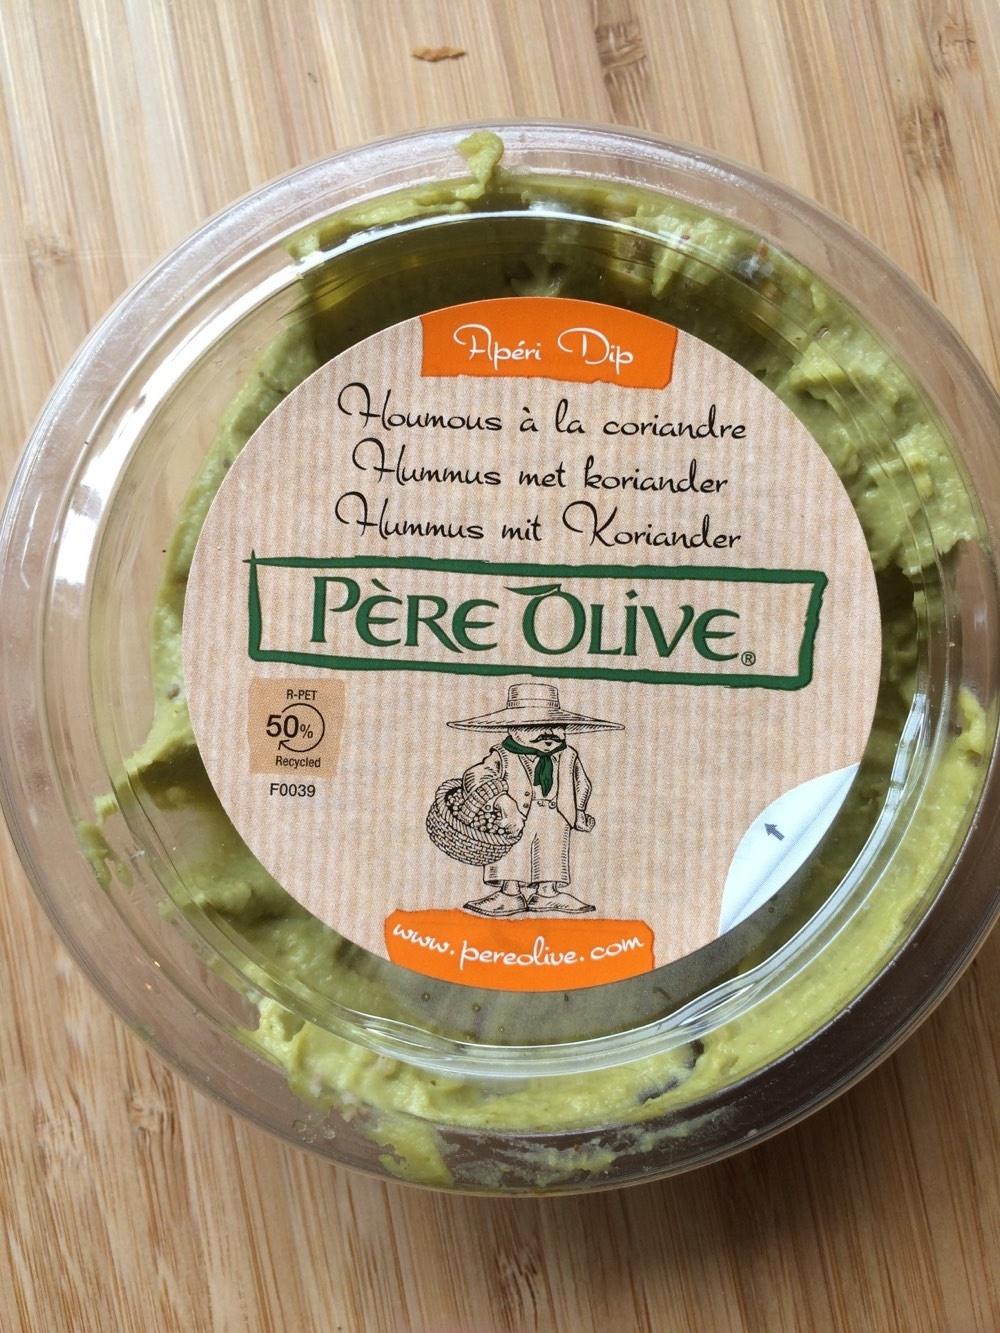 Houmous à la coriandre vegan - Product - fr